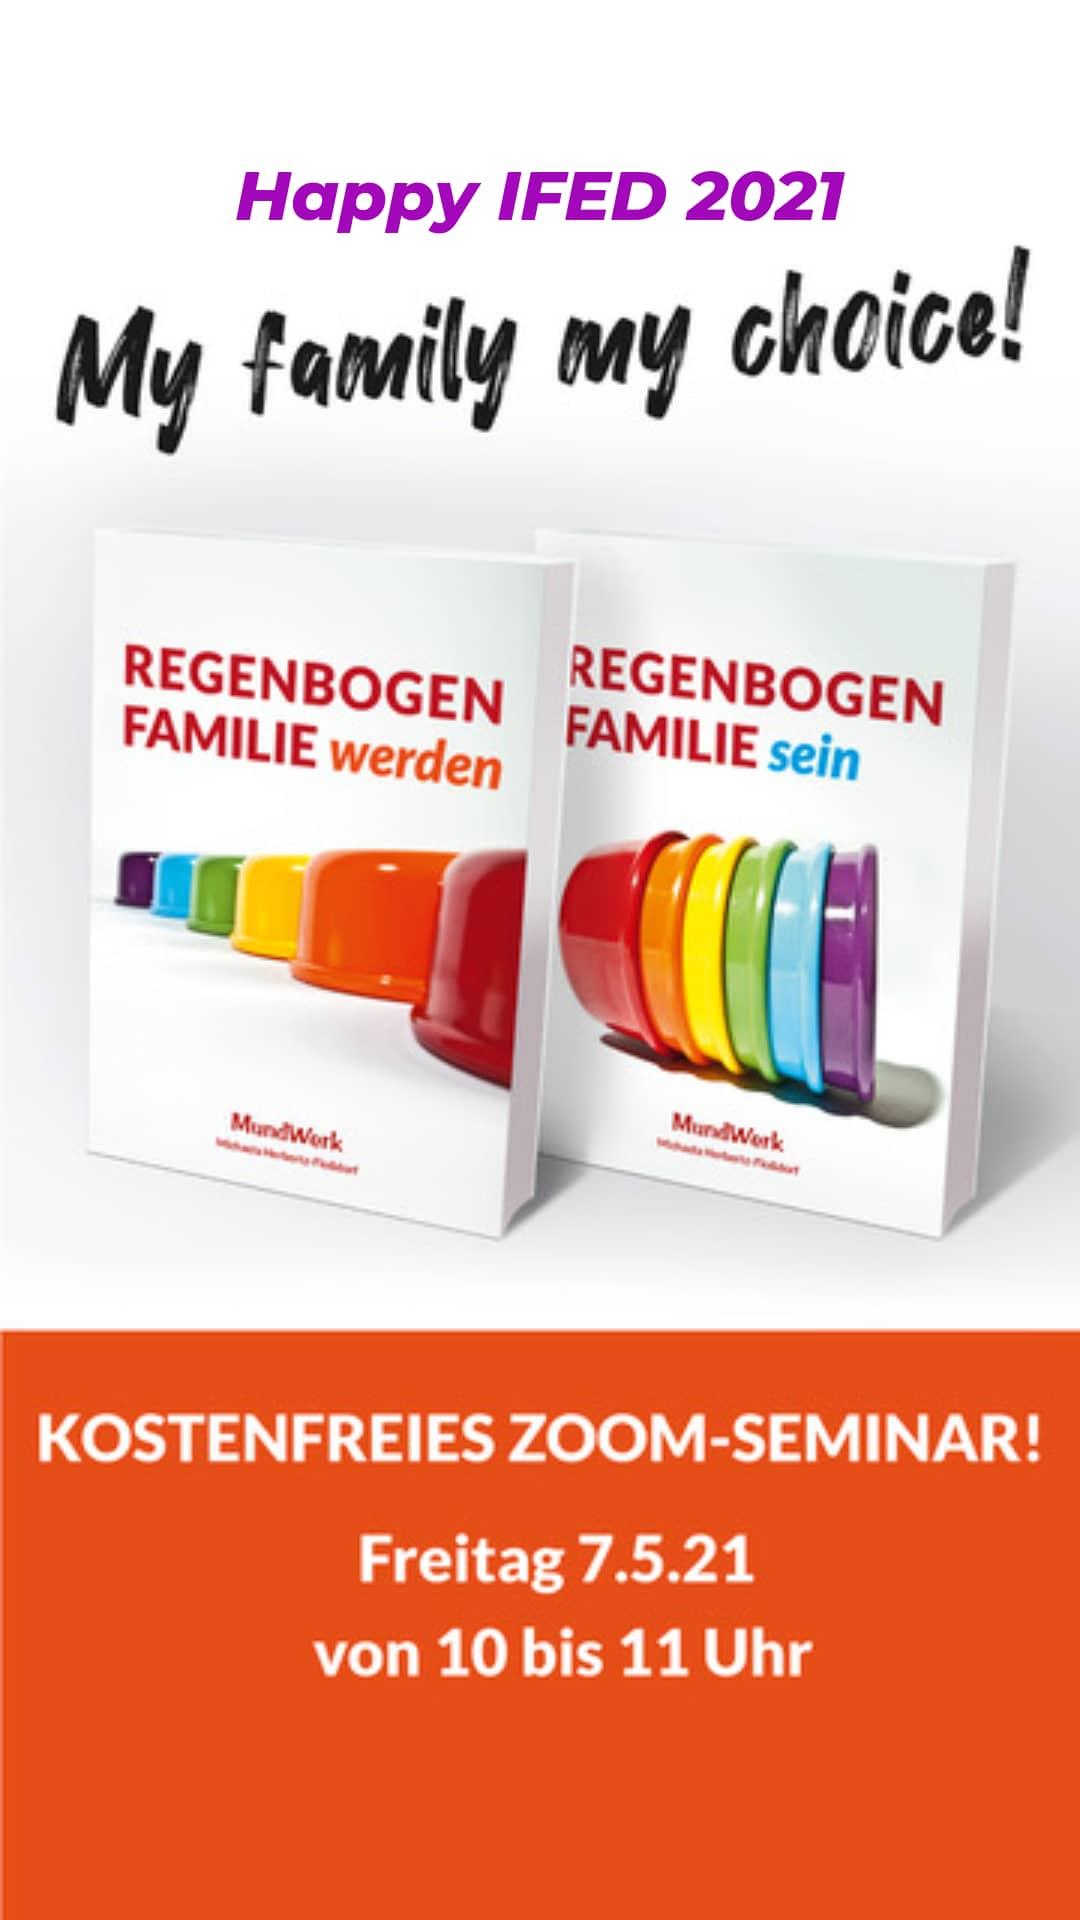 Regenbogenfamilie sein 7.5.2021